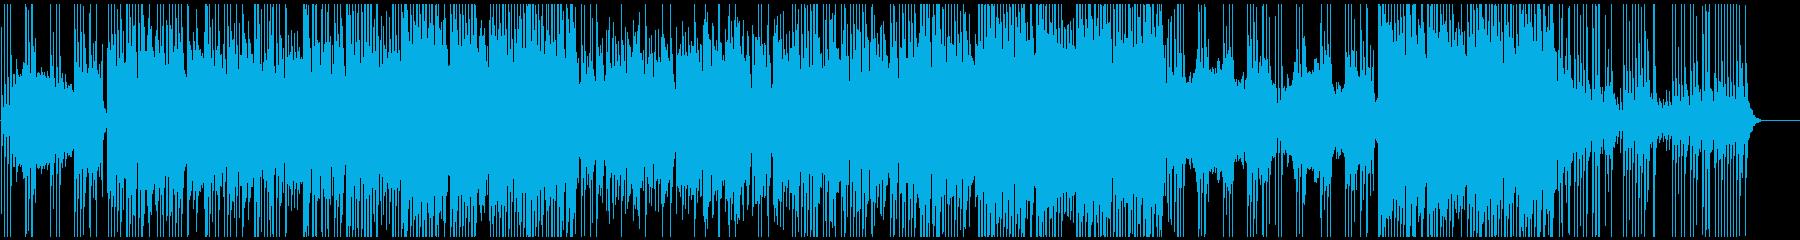 沖縄BGM 感動的三線ポップバラードの再生済みの波形